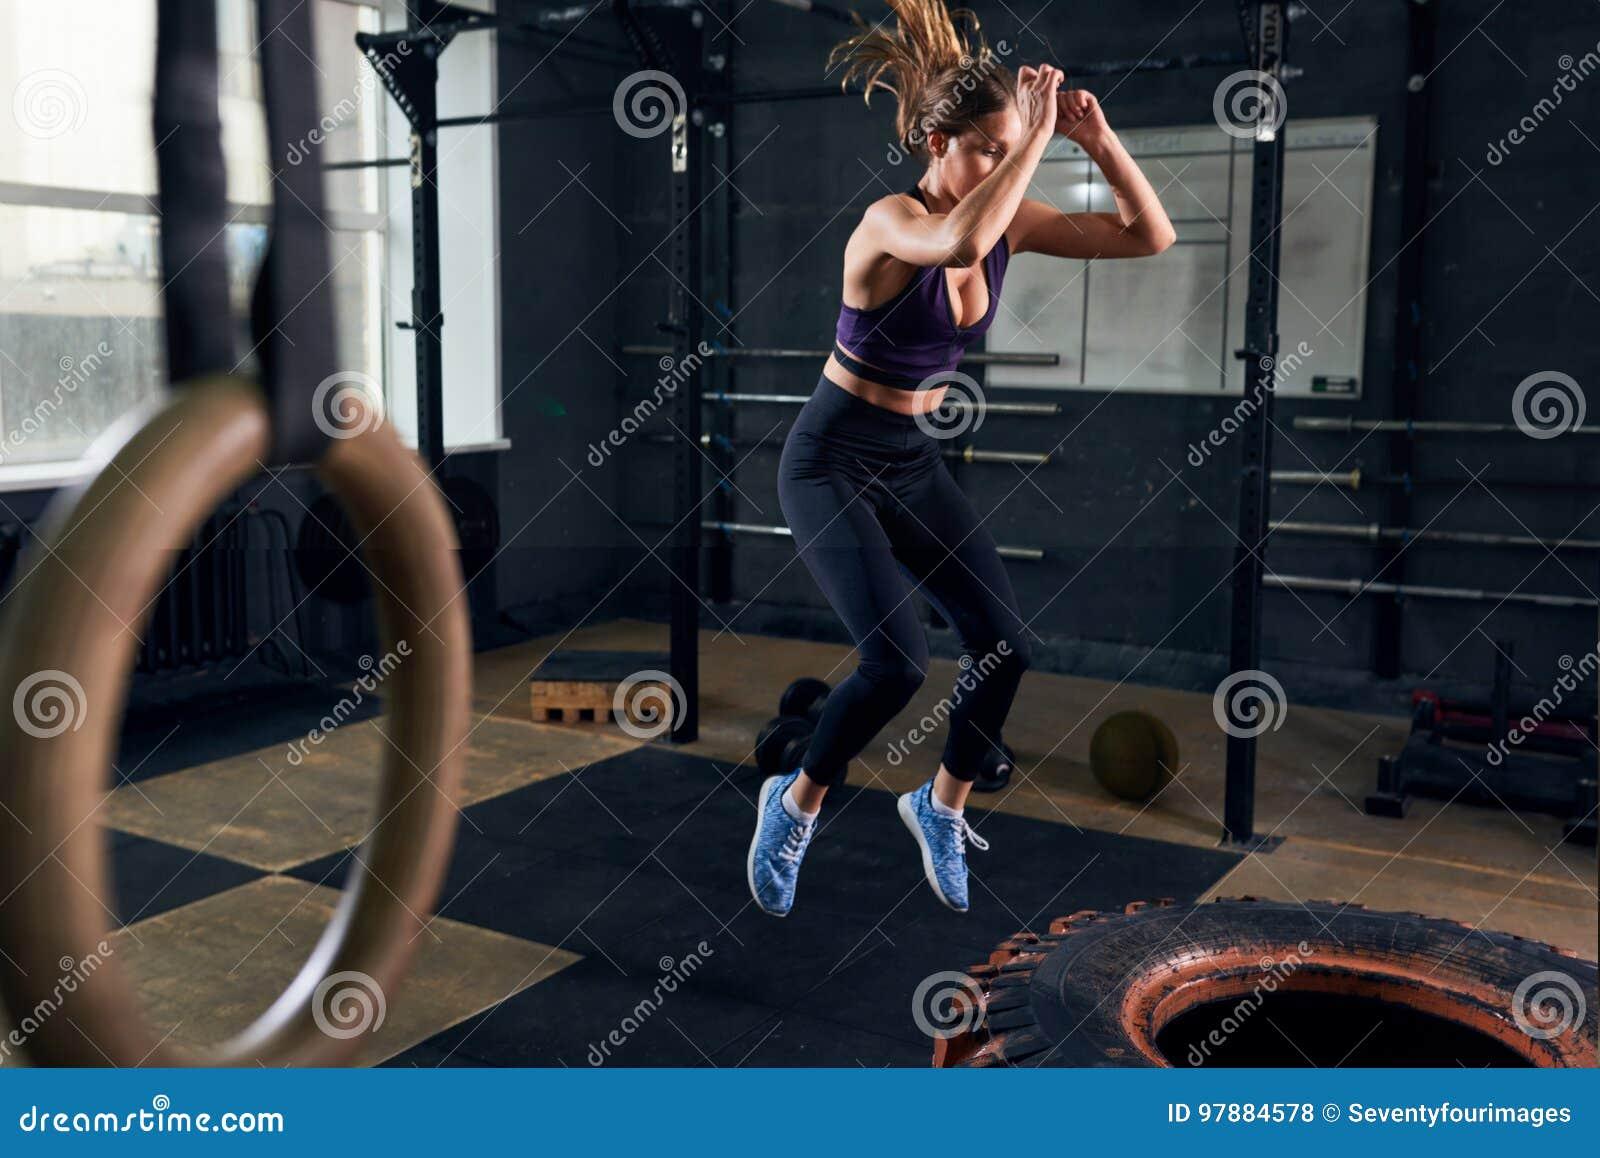 La mujer que salta en el neumático enorme en el gimnasio de CrossFit